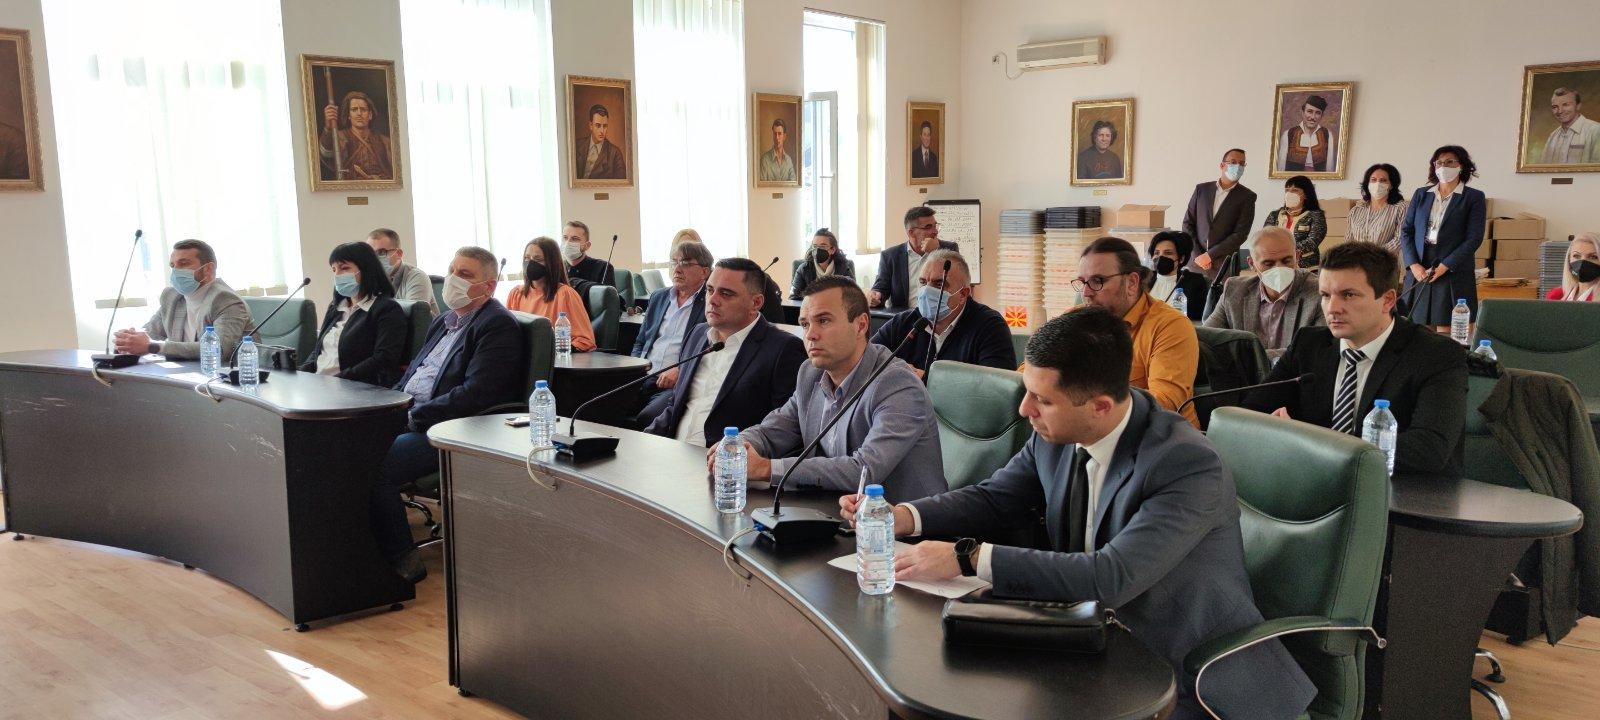 Градоначалникот Јанчев и новоизбраните советници во Кавадарци добија уверенија од ОИК